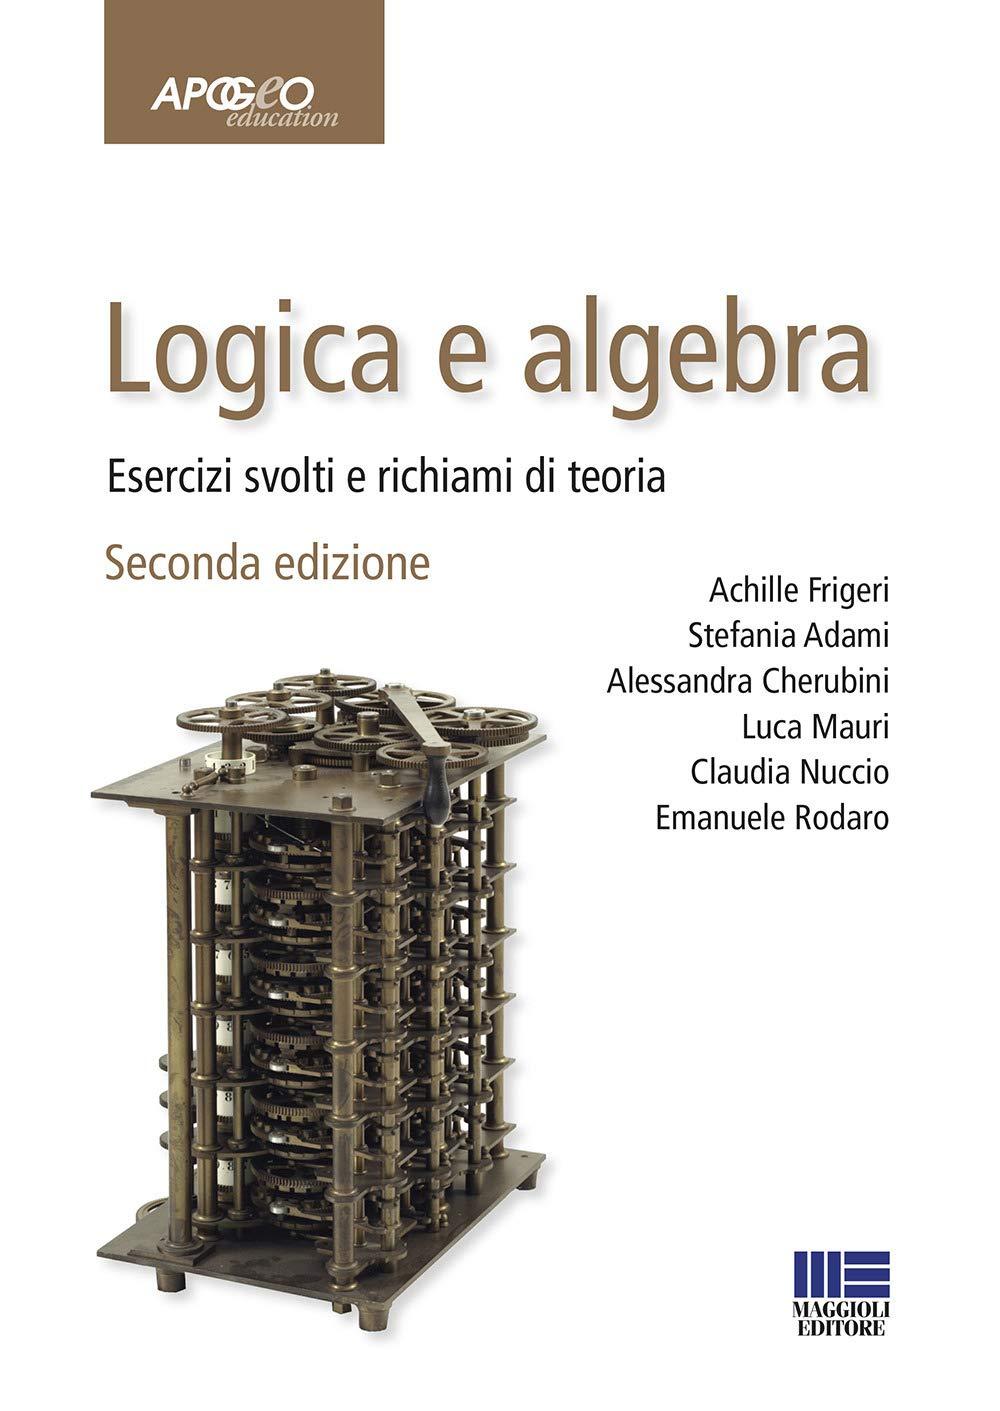 Logica e algebra. Esercizi svolti e richiami di teoria